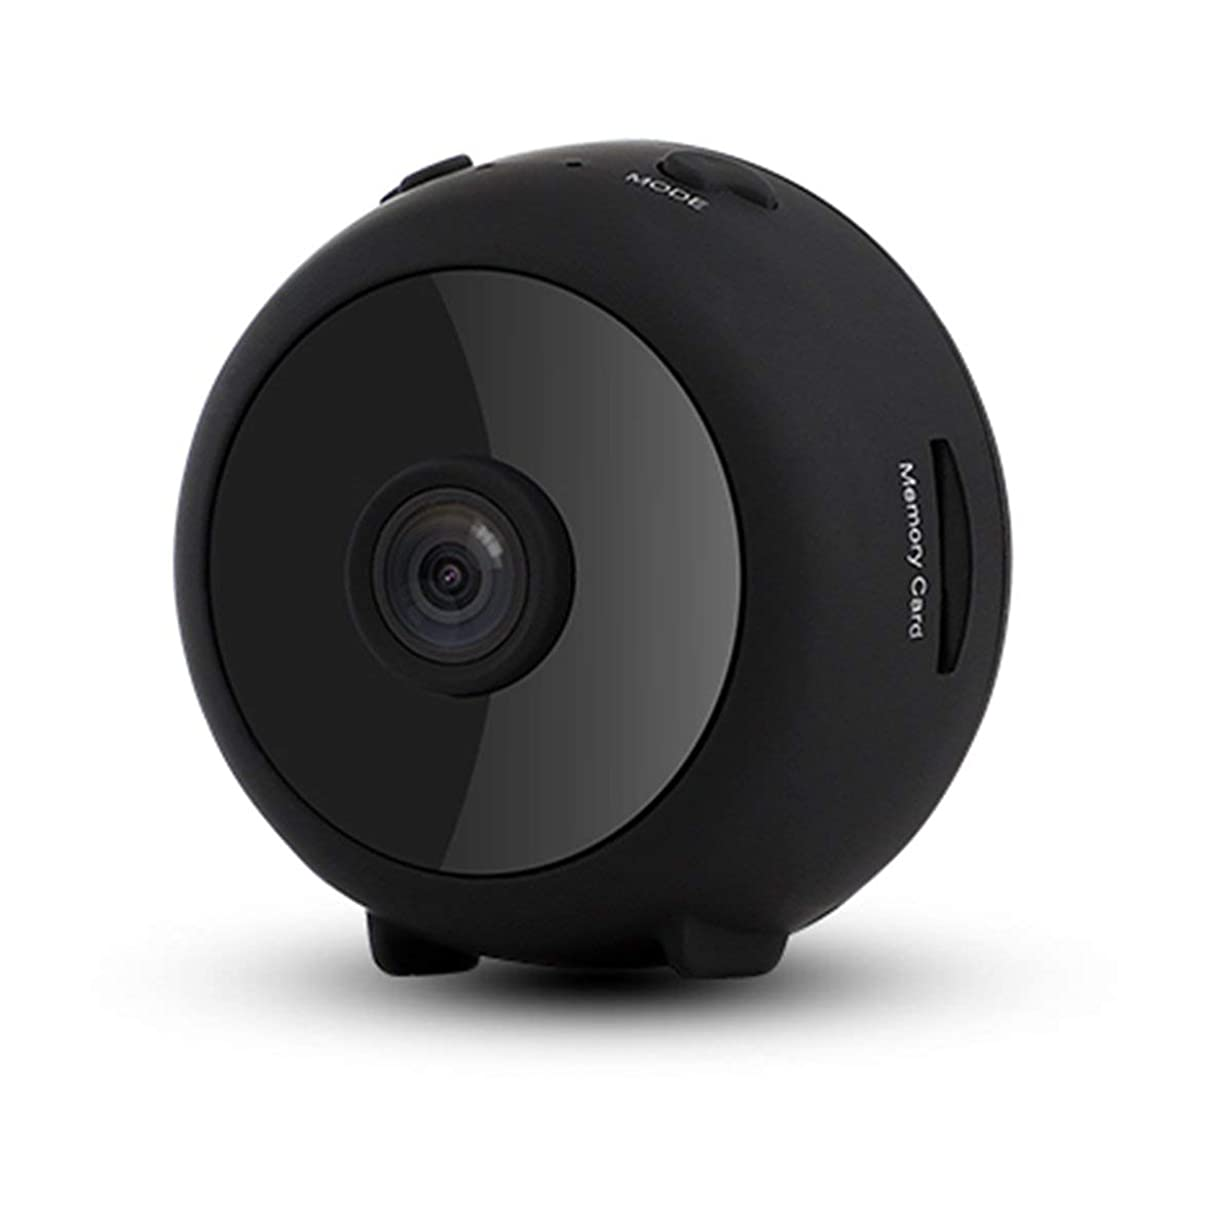 ミニIPカメラHD 1080PワイヤレスWifiカメラセキュリティカメラWi-Fiネットワーク-ブラック